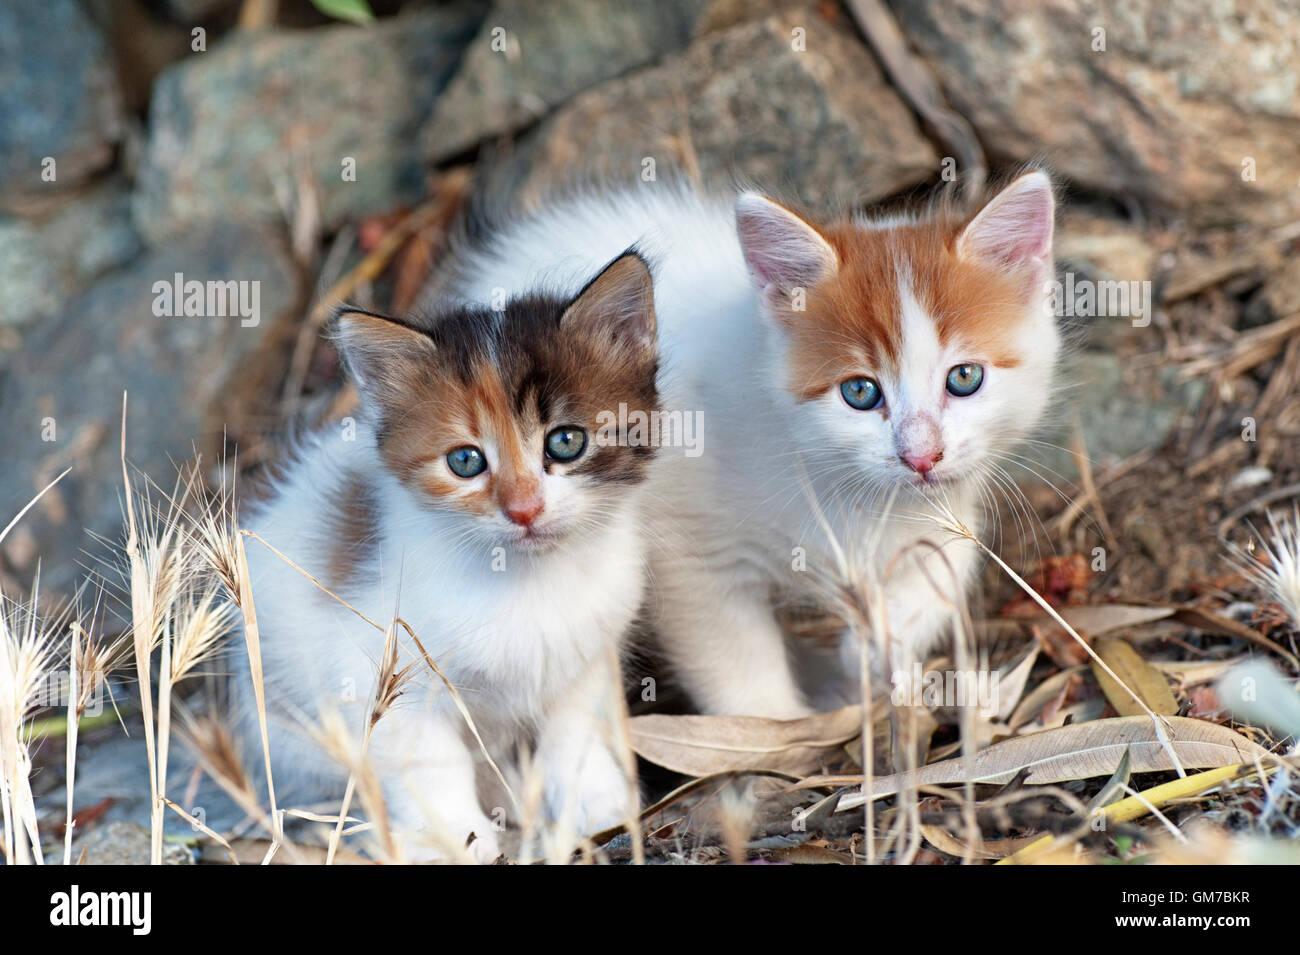 Deux chatons assis en plein air côte à côte et looking at camera Photo Stock